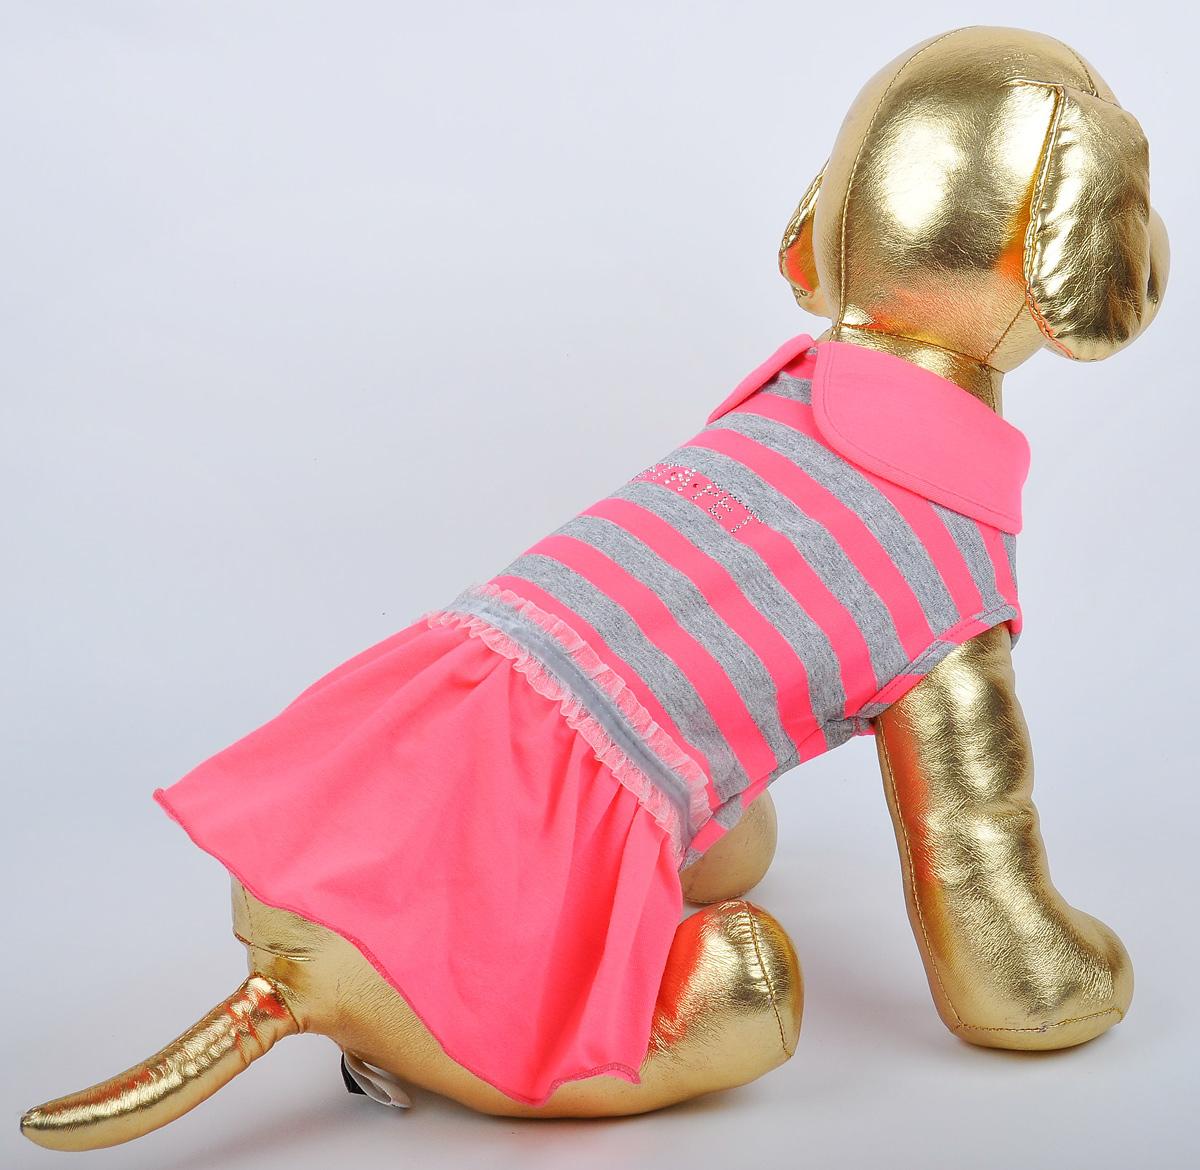 Платье для собак GLG Фэшн Ультра. Размер XSMOS-005-PINK-XSПлатье для собак GLG Фэшн Ультра выполнено из вискозы. Рукава не ограничивают свободу движений, и собачка будет чувствовать себя в нем комфортно. Изделие застегивается с помощью кнопок..Модное и невероятно удобное платье защитит вашего питомца от пыли и насекомых на улице, согреет дома или на даче. Длина спины: 19-21 см Обхват груди: 26-28 см.